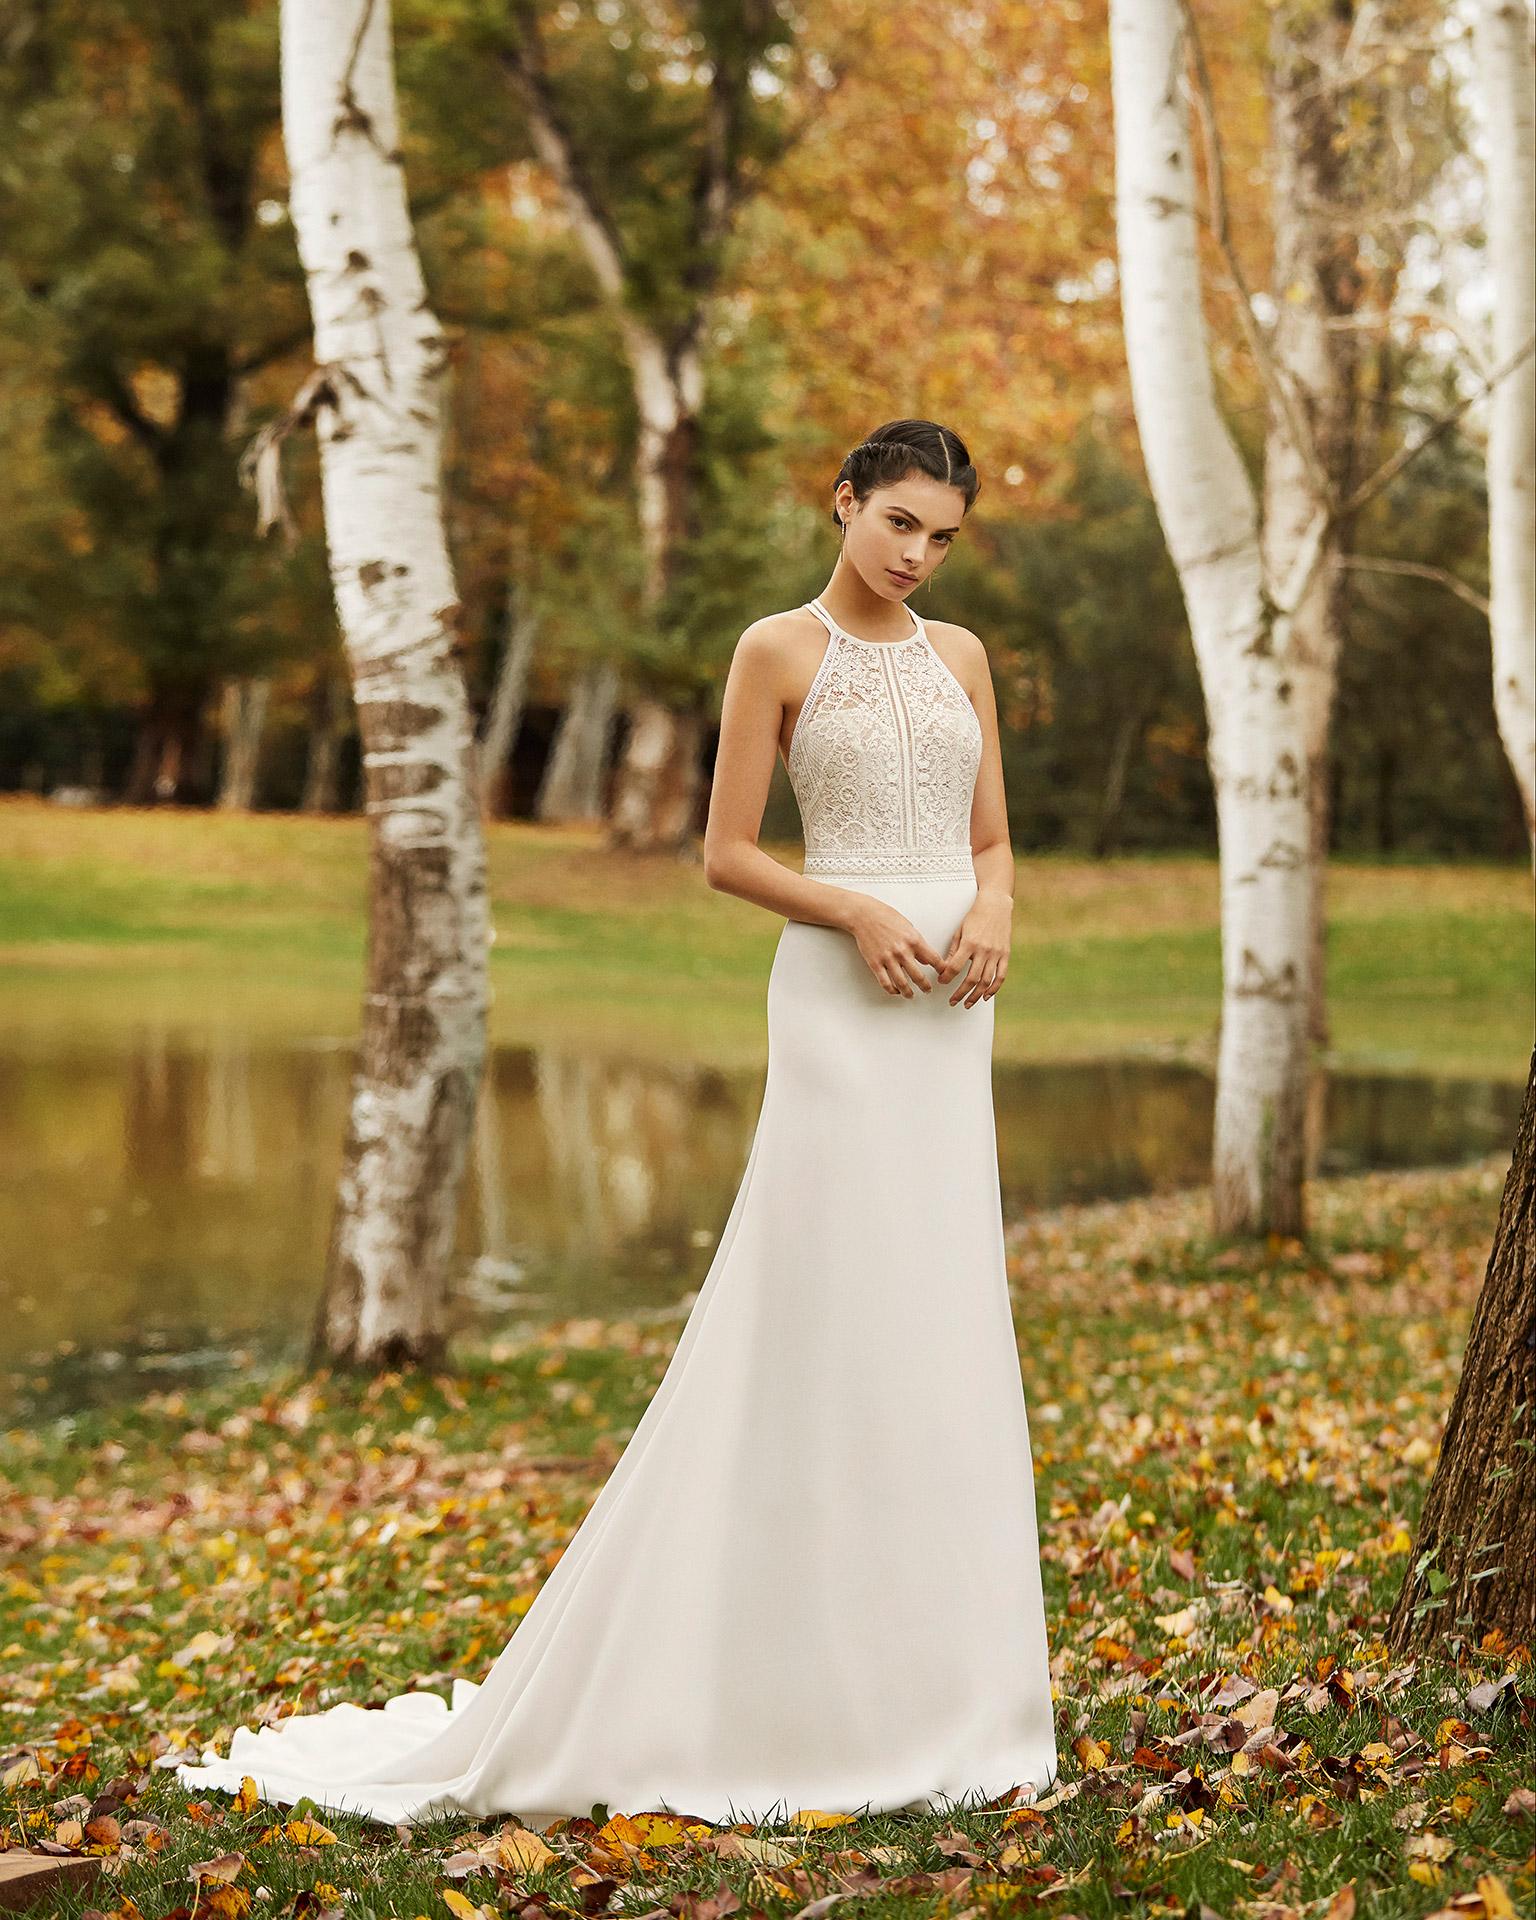 Vestido de novia estilo ligero crep y encaje pedrería con cuello halter y espalda de tirantes cruzados. Colección ALMANOVIA 2020.